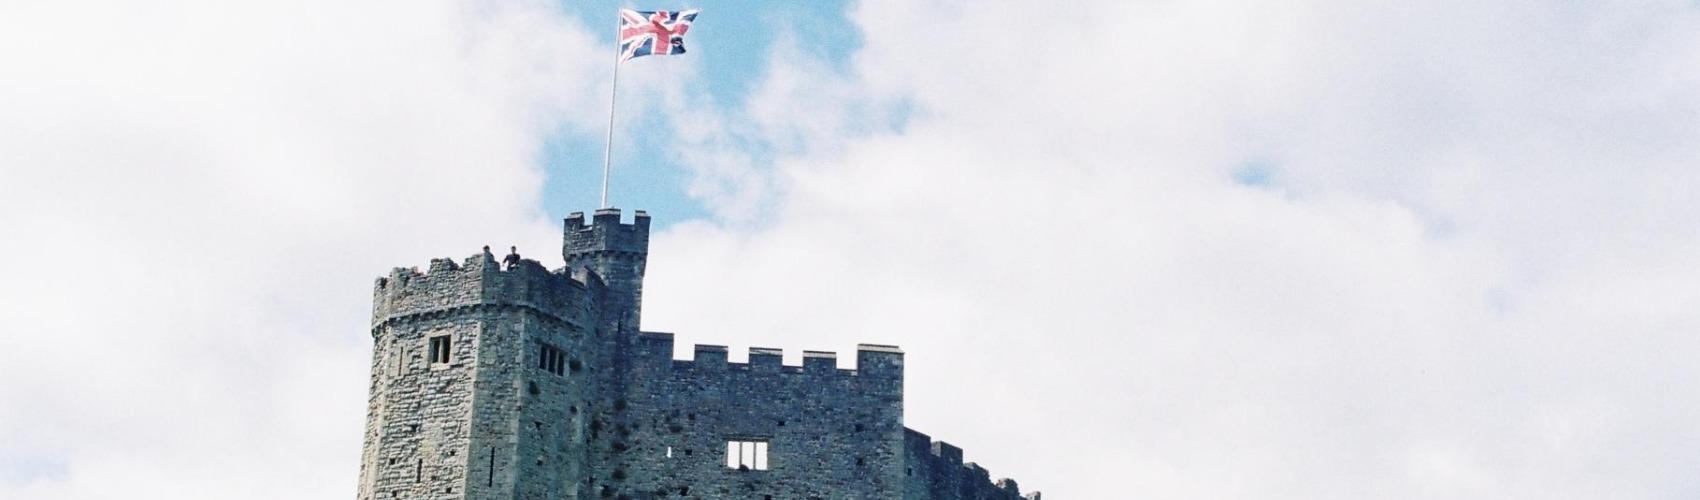 中世イギリスの画像